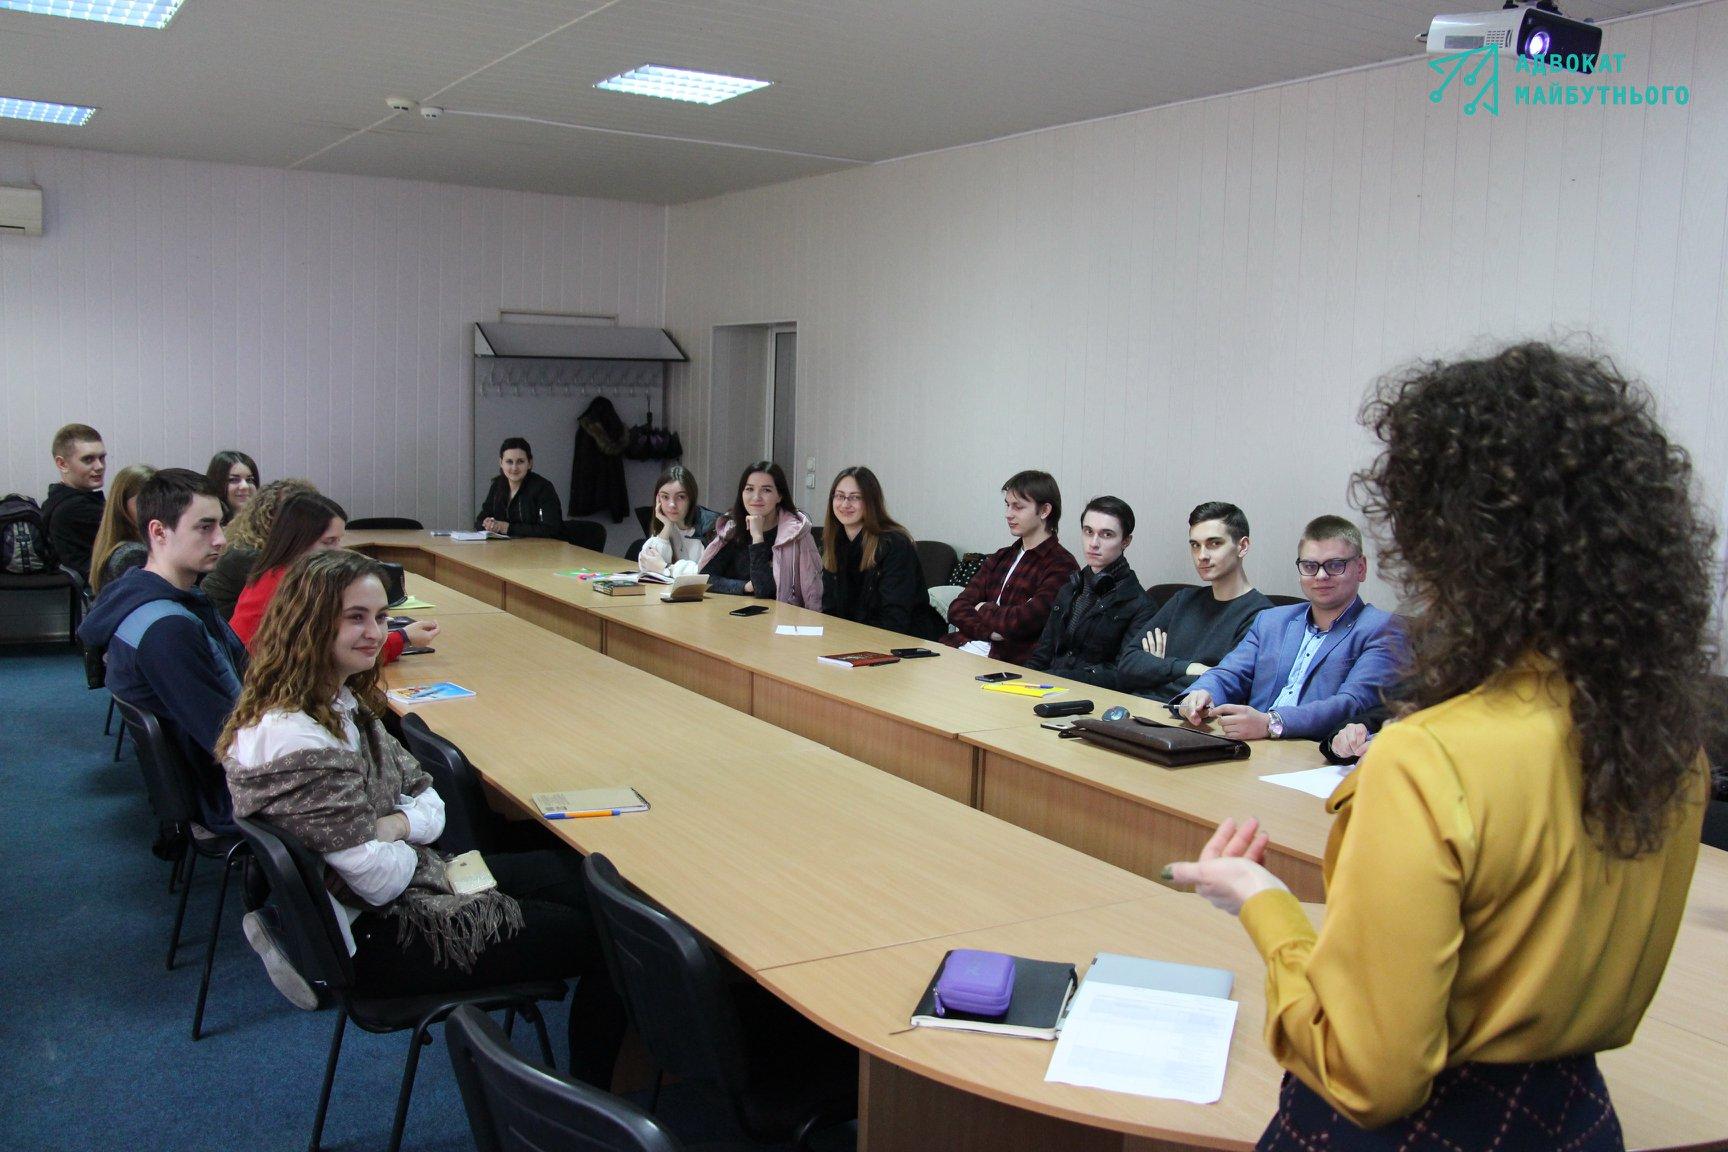 Відкрита лекція для студентів з розвитку навичок Soft Skills